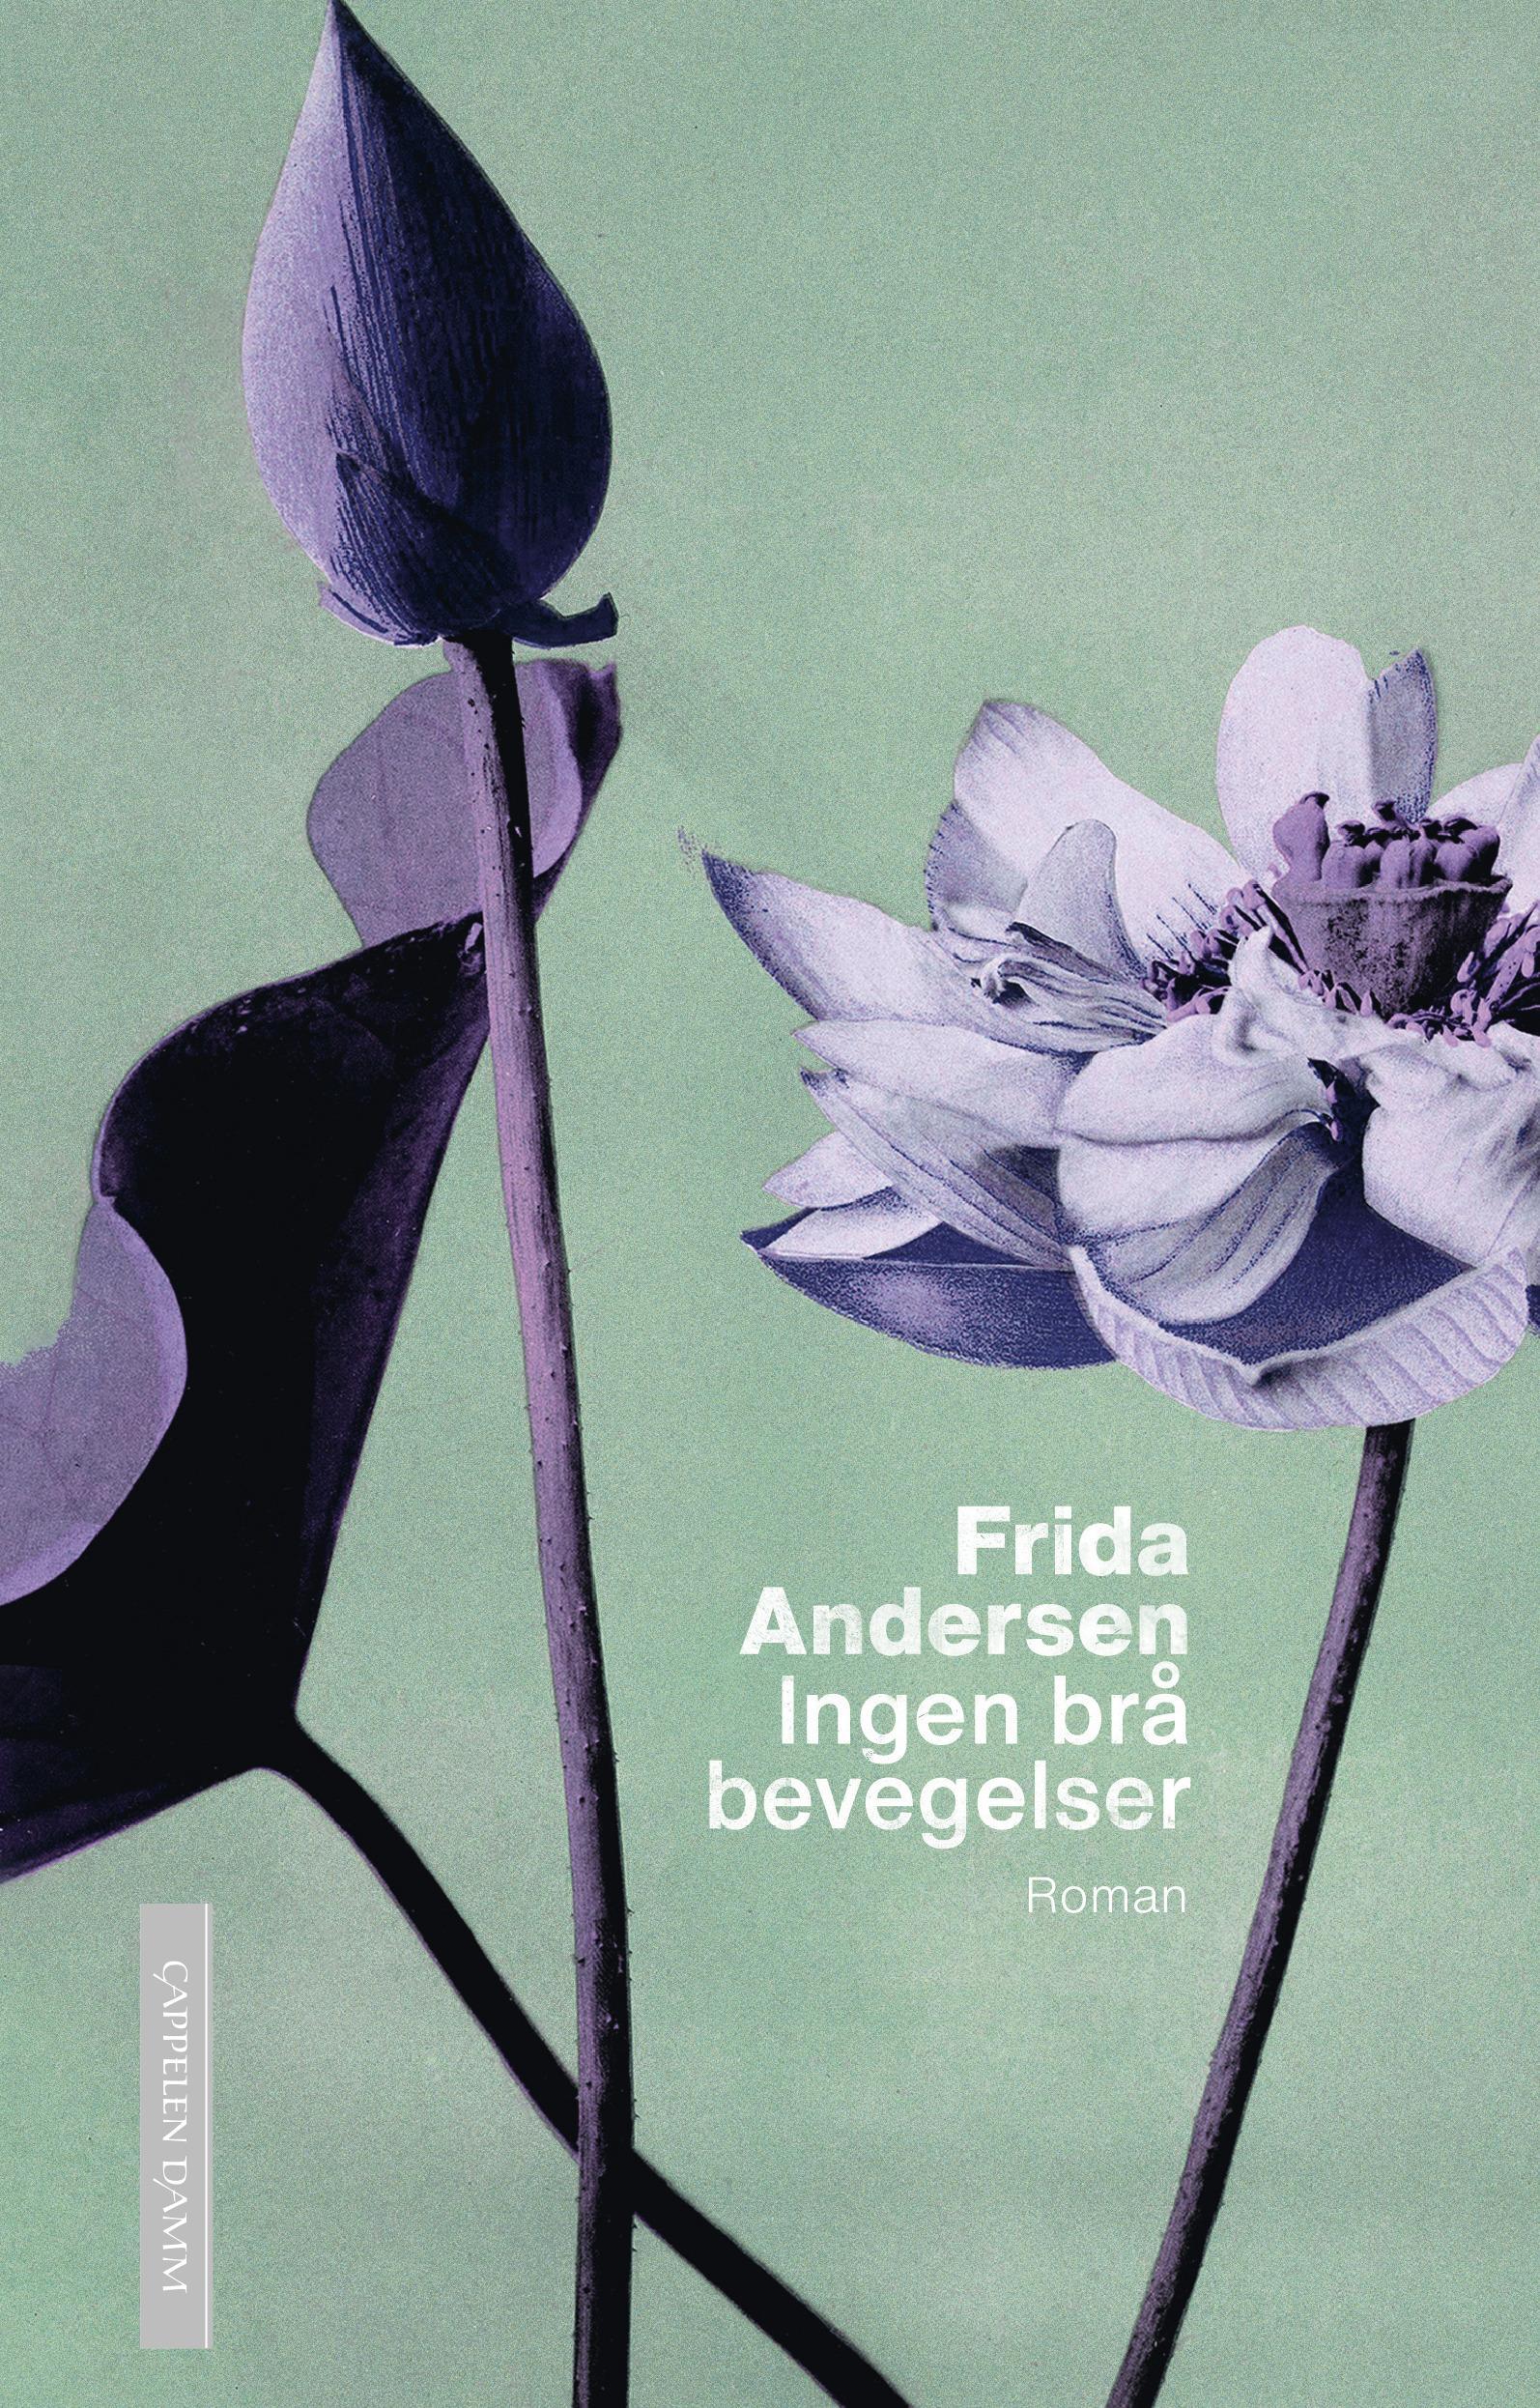 """""""Ingen brå bevegelser - roman"""" av Frida Andersen"""